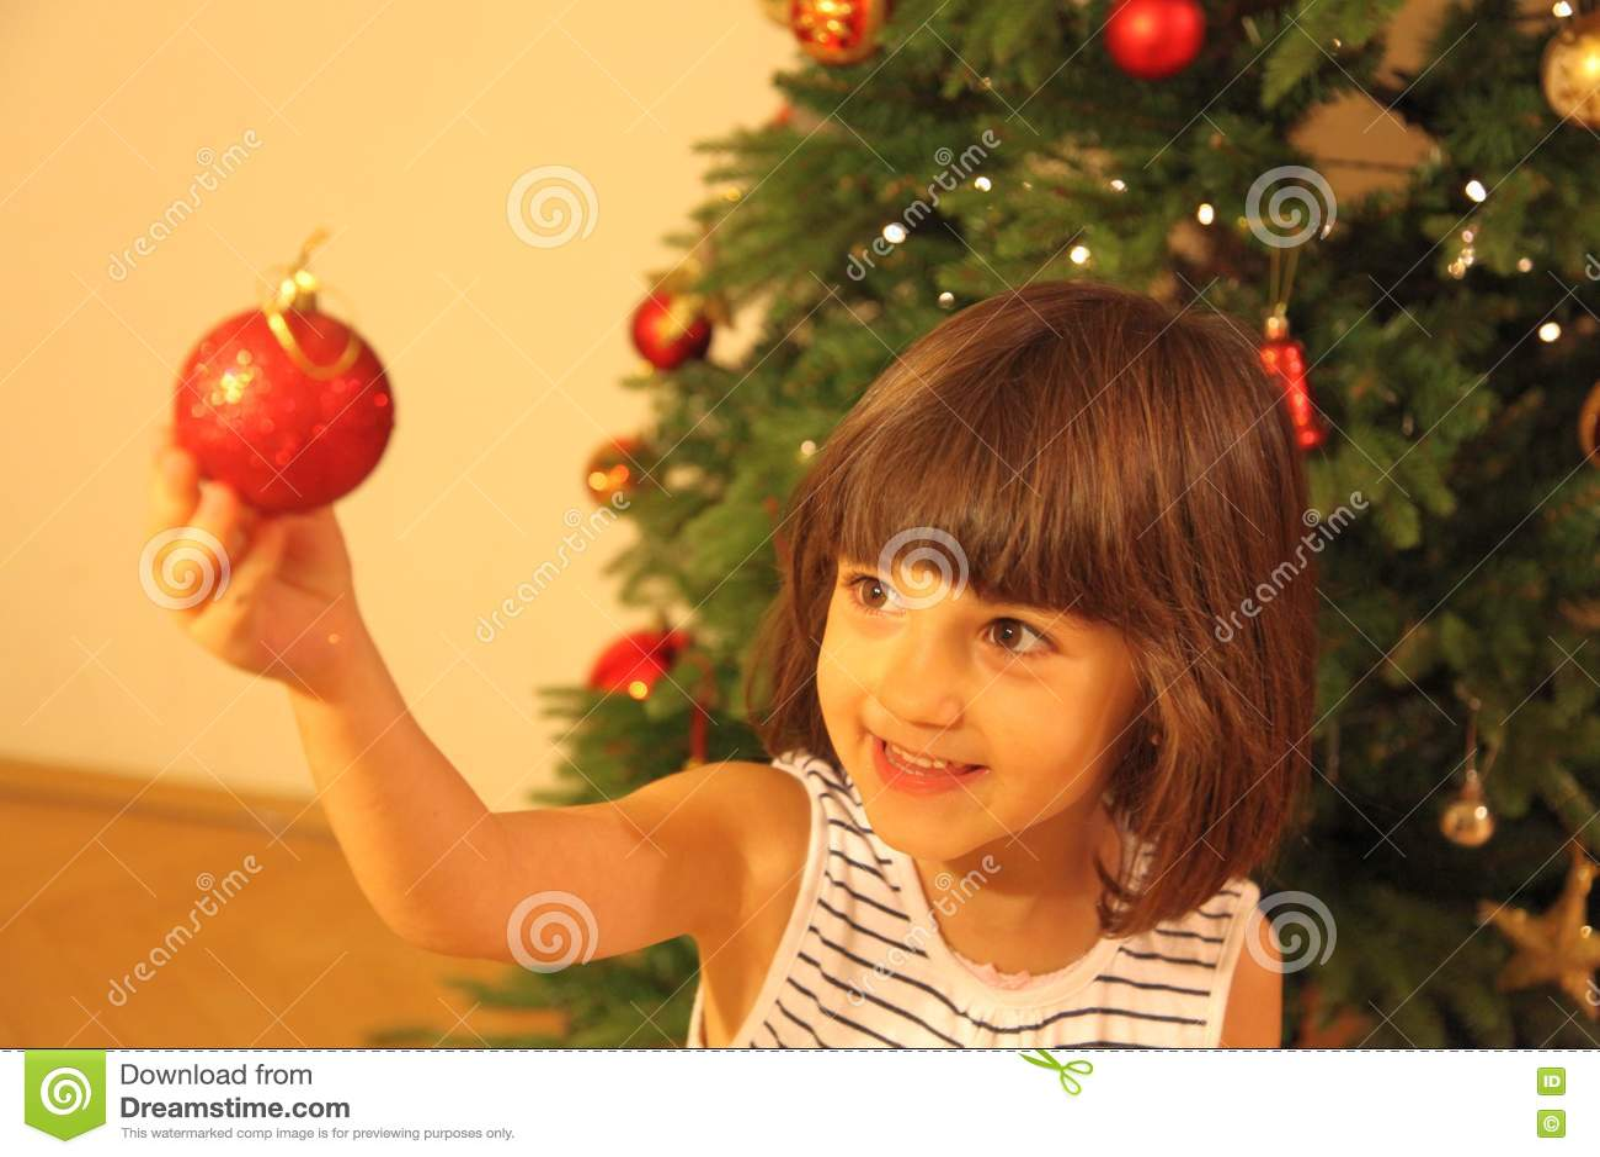 Lilla flickan dekorerar julgranen